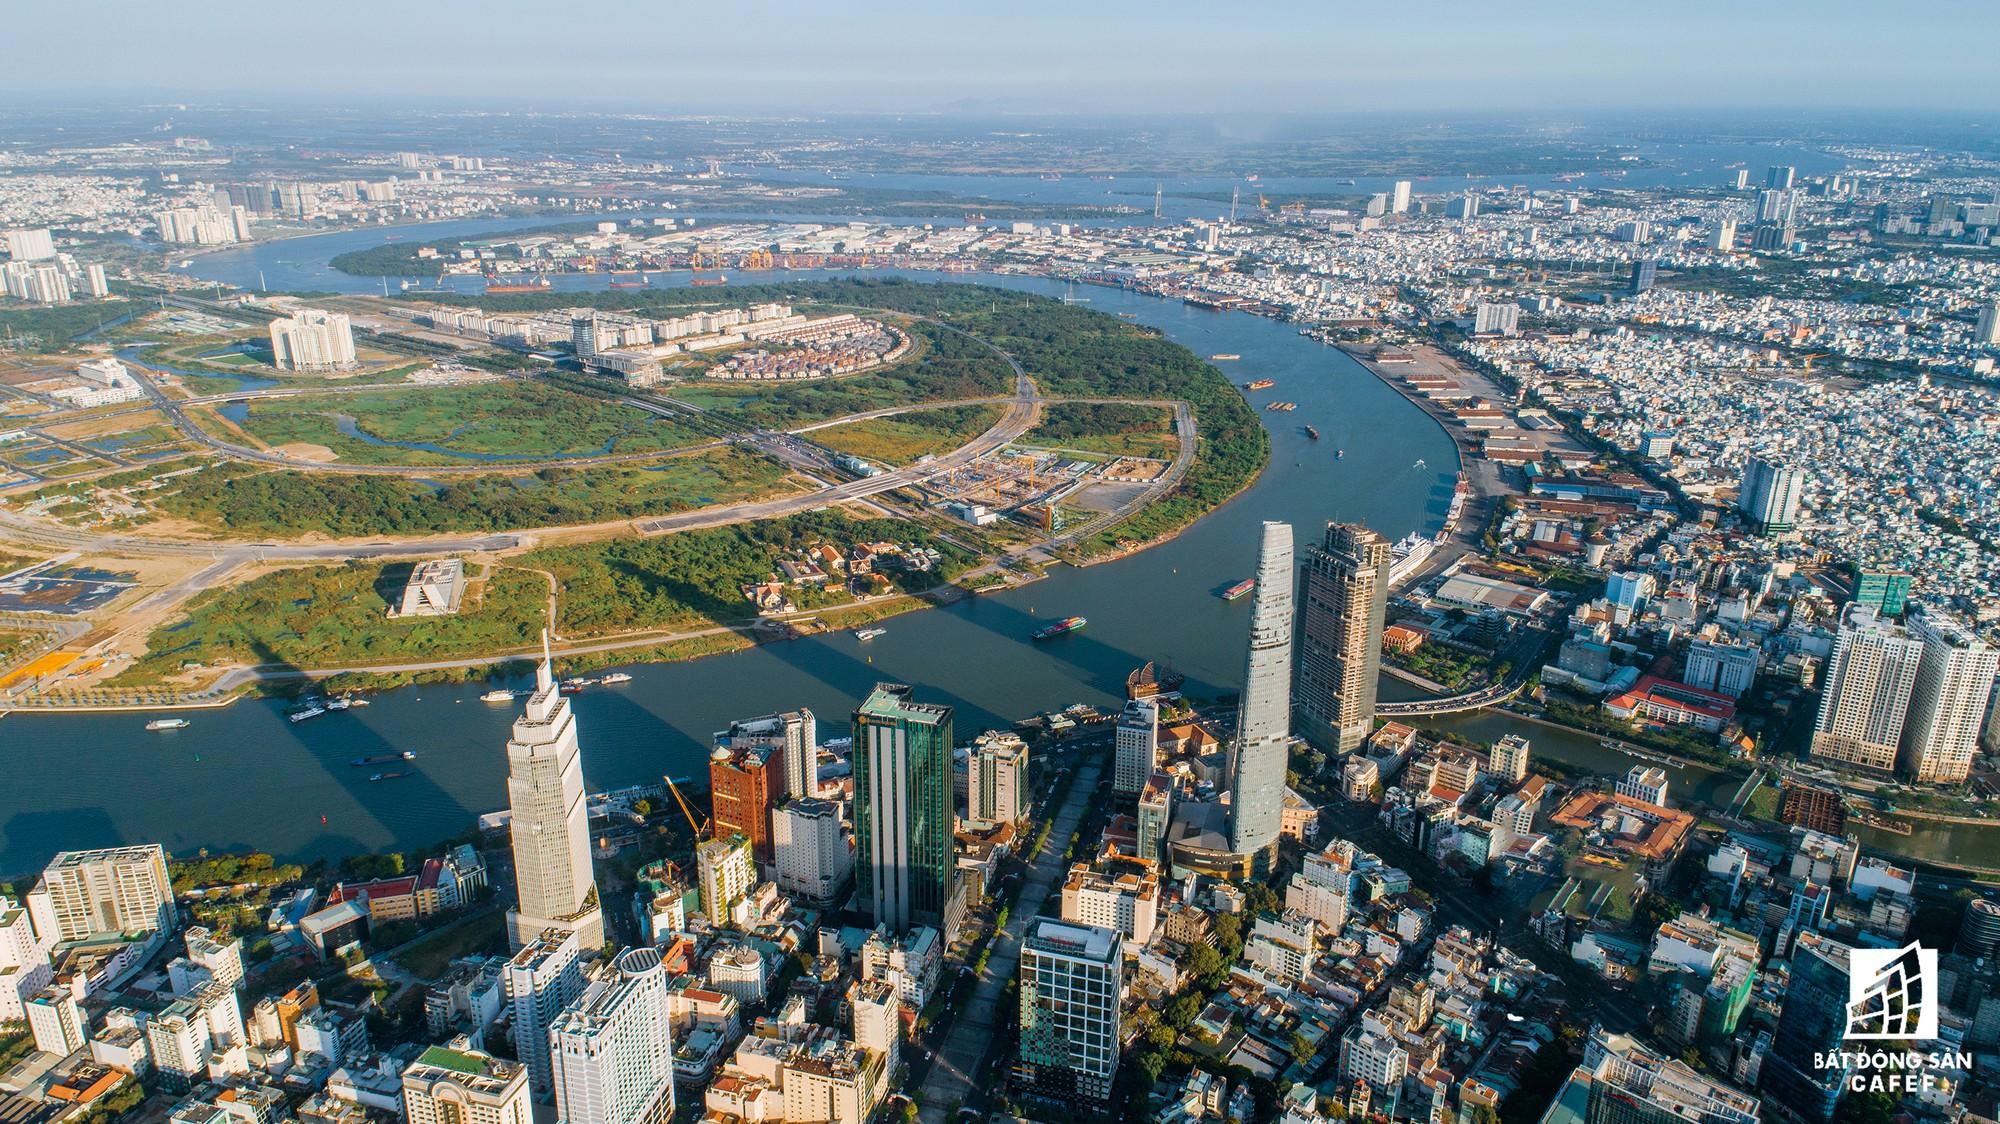 Diện mạo hai bờ sông Sài Gòn tương lai nhìn từ loạt siêu dự án tỷ đô, khu vực trung tâm giá nhà lên hơn 1 tỷ đồng/m2 - Ảnh 3. Diện mạo hai bờ sông Sài Gòn tương lai nhìn từ loạt siêu dự án tỷ đô, khu vực trung tâm giá nhà lên hơn 1 tỷ đồng/m2 Diện mạo hai bờ sông Sài Gòn tương lai nhìn từ loạt siêu dự án tỷ đô, khu vực trung tâm giá nhà lên hơn 1 tỷ đồng/m2 hinh 2 15682745823522032526275